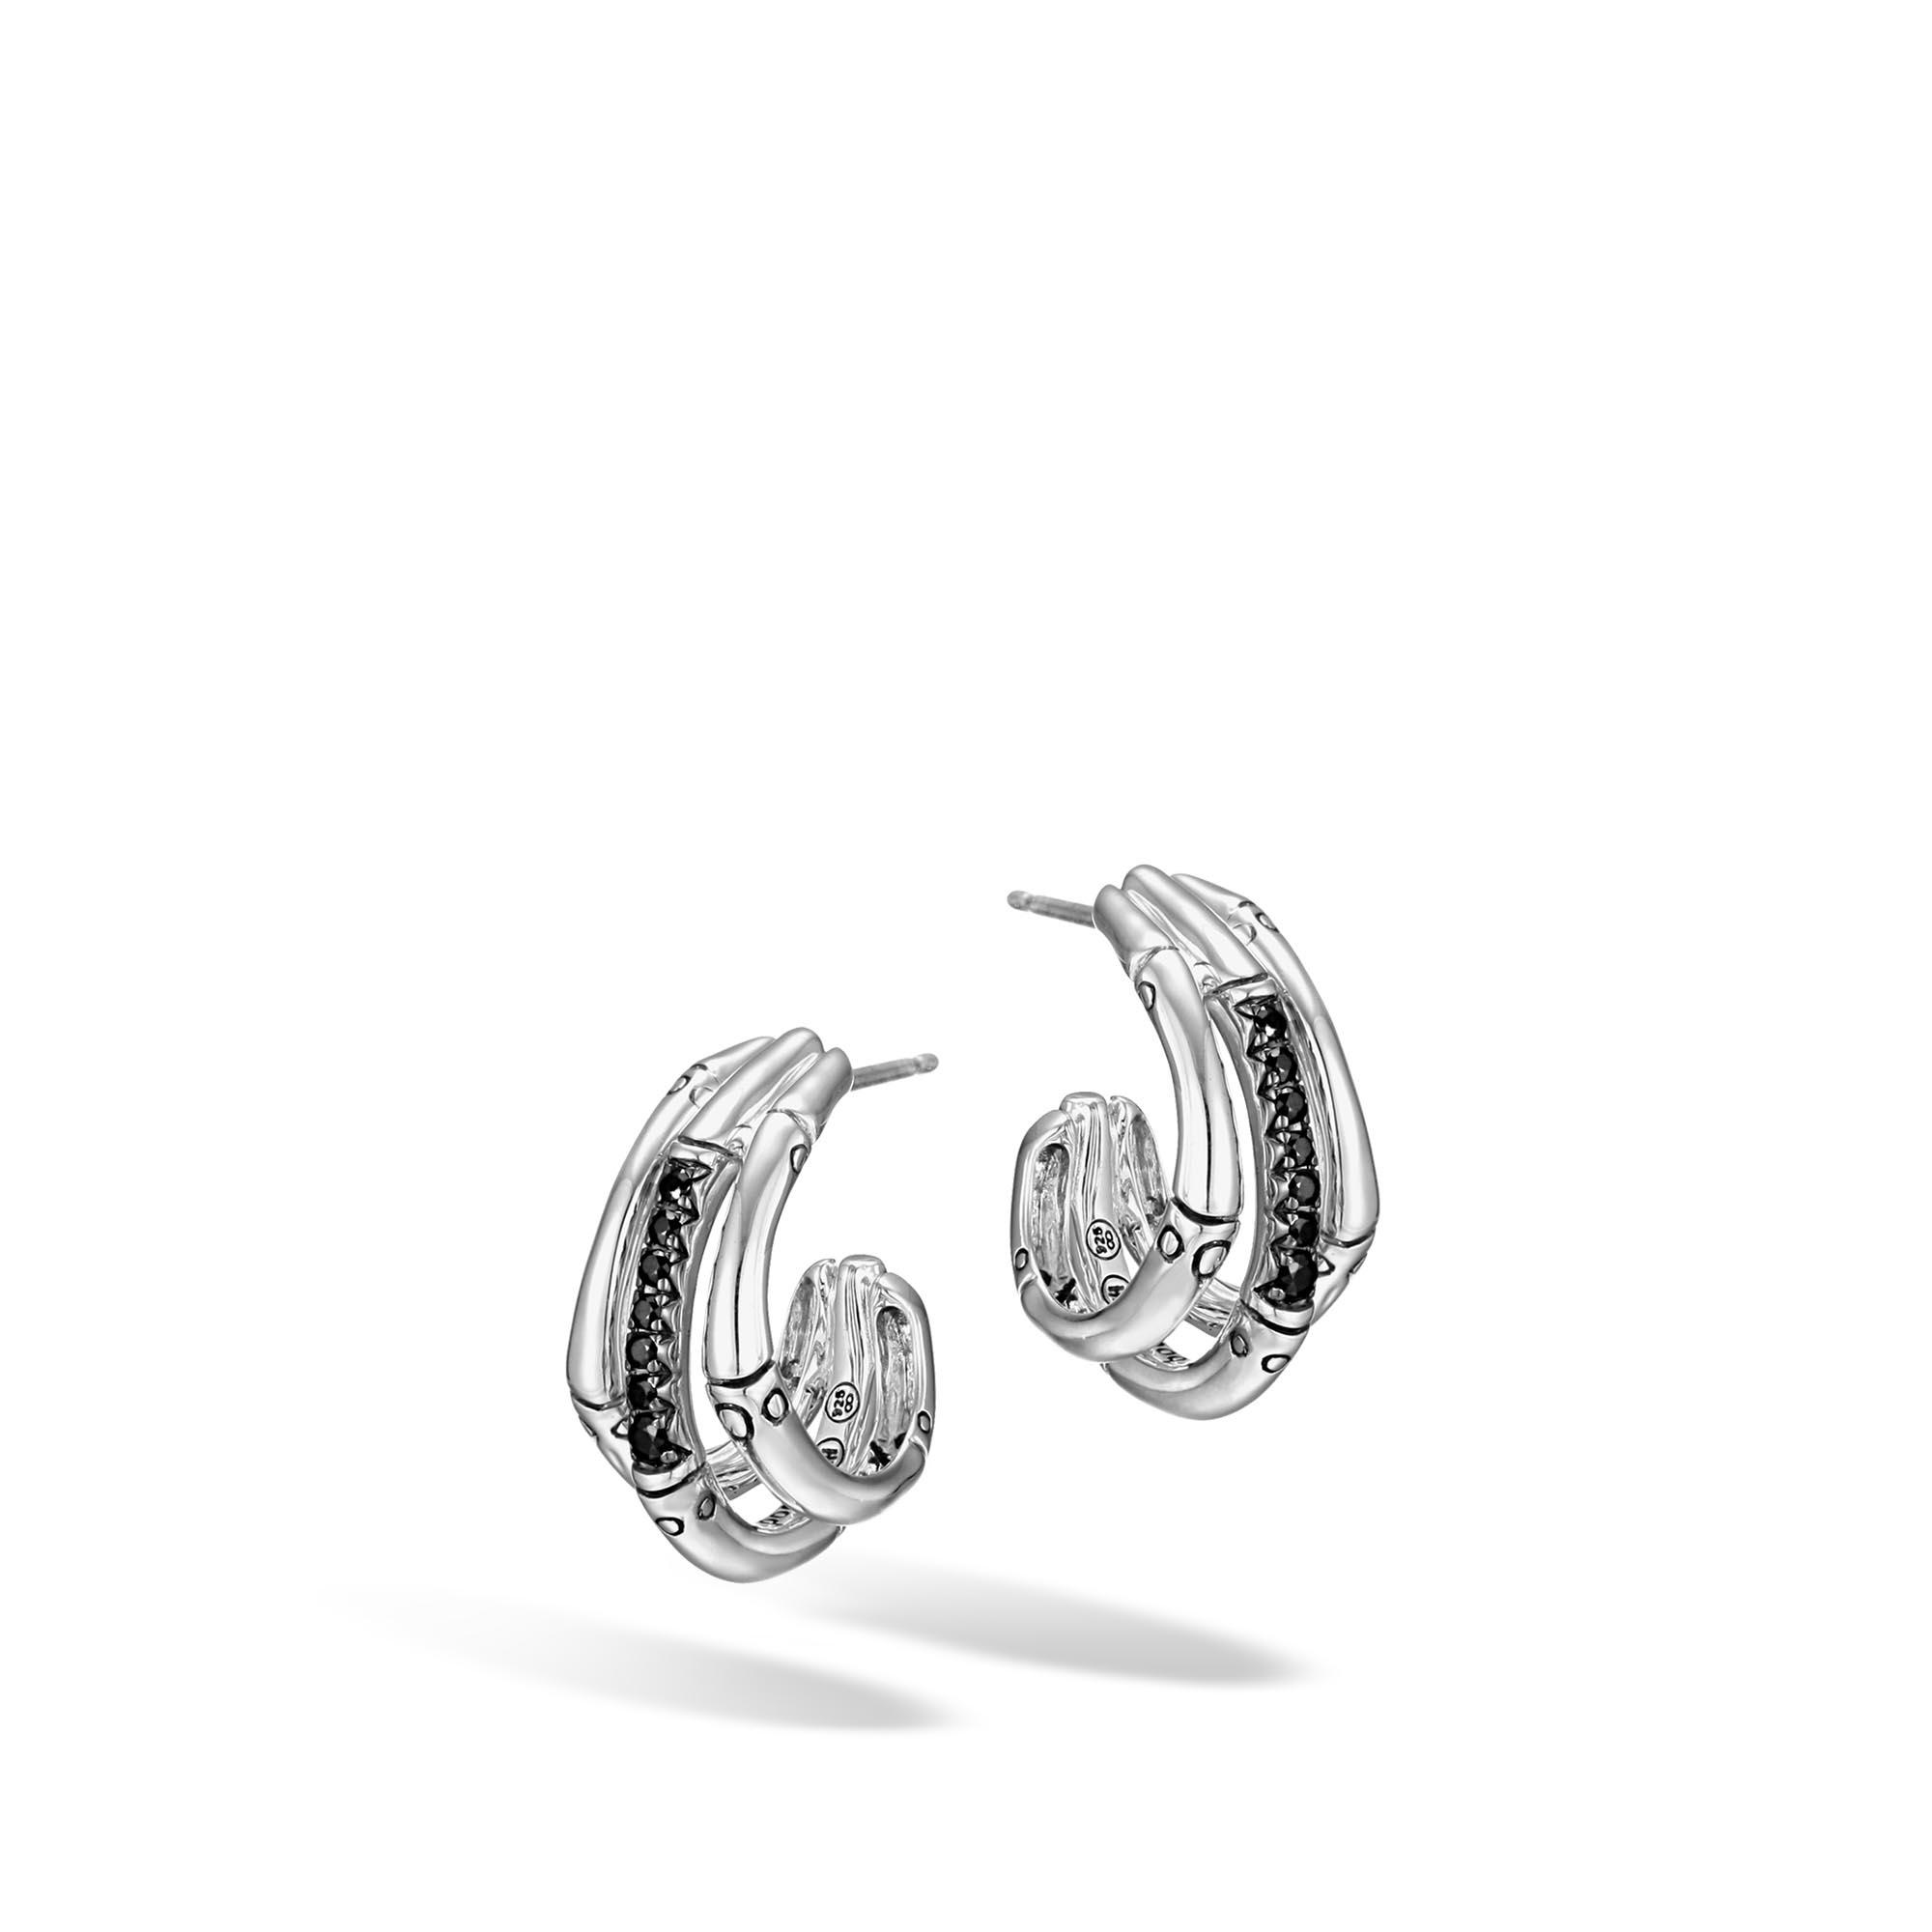 Lyst john hardy bamboo small j hoop earring in silver for John hardy jewelry earrings